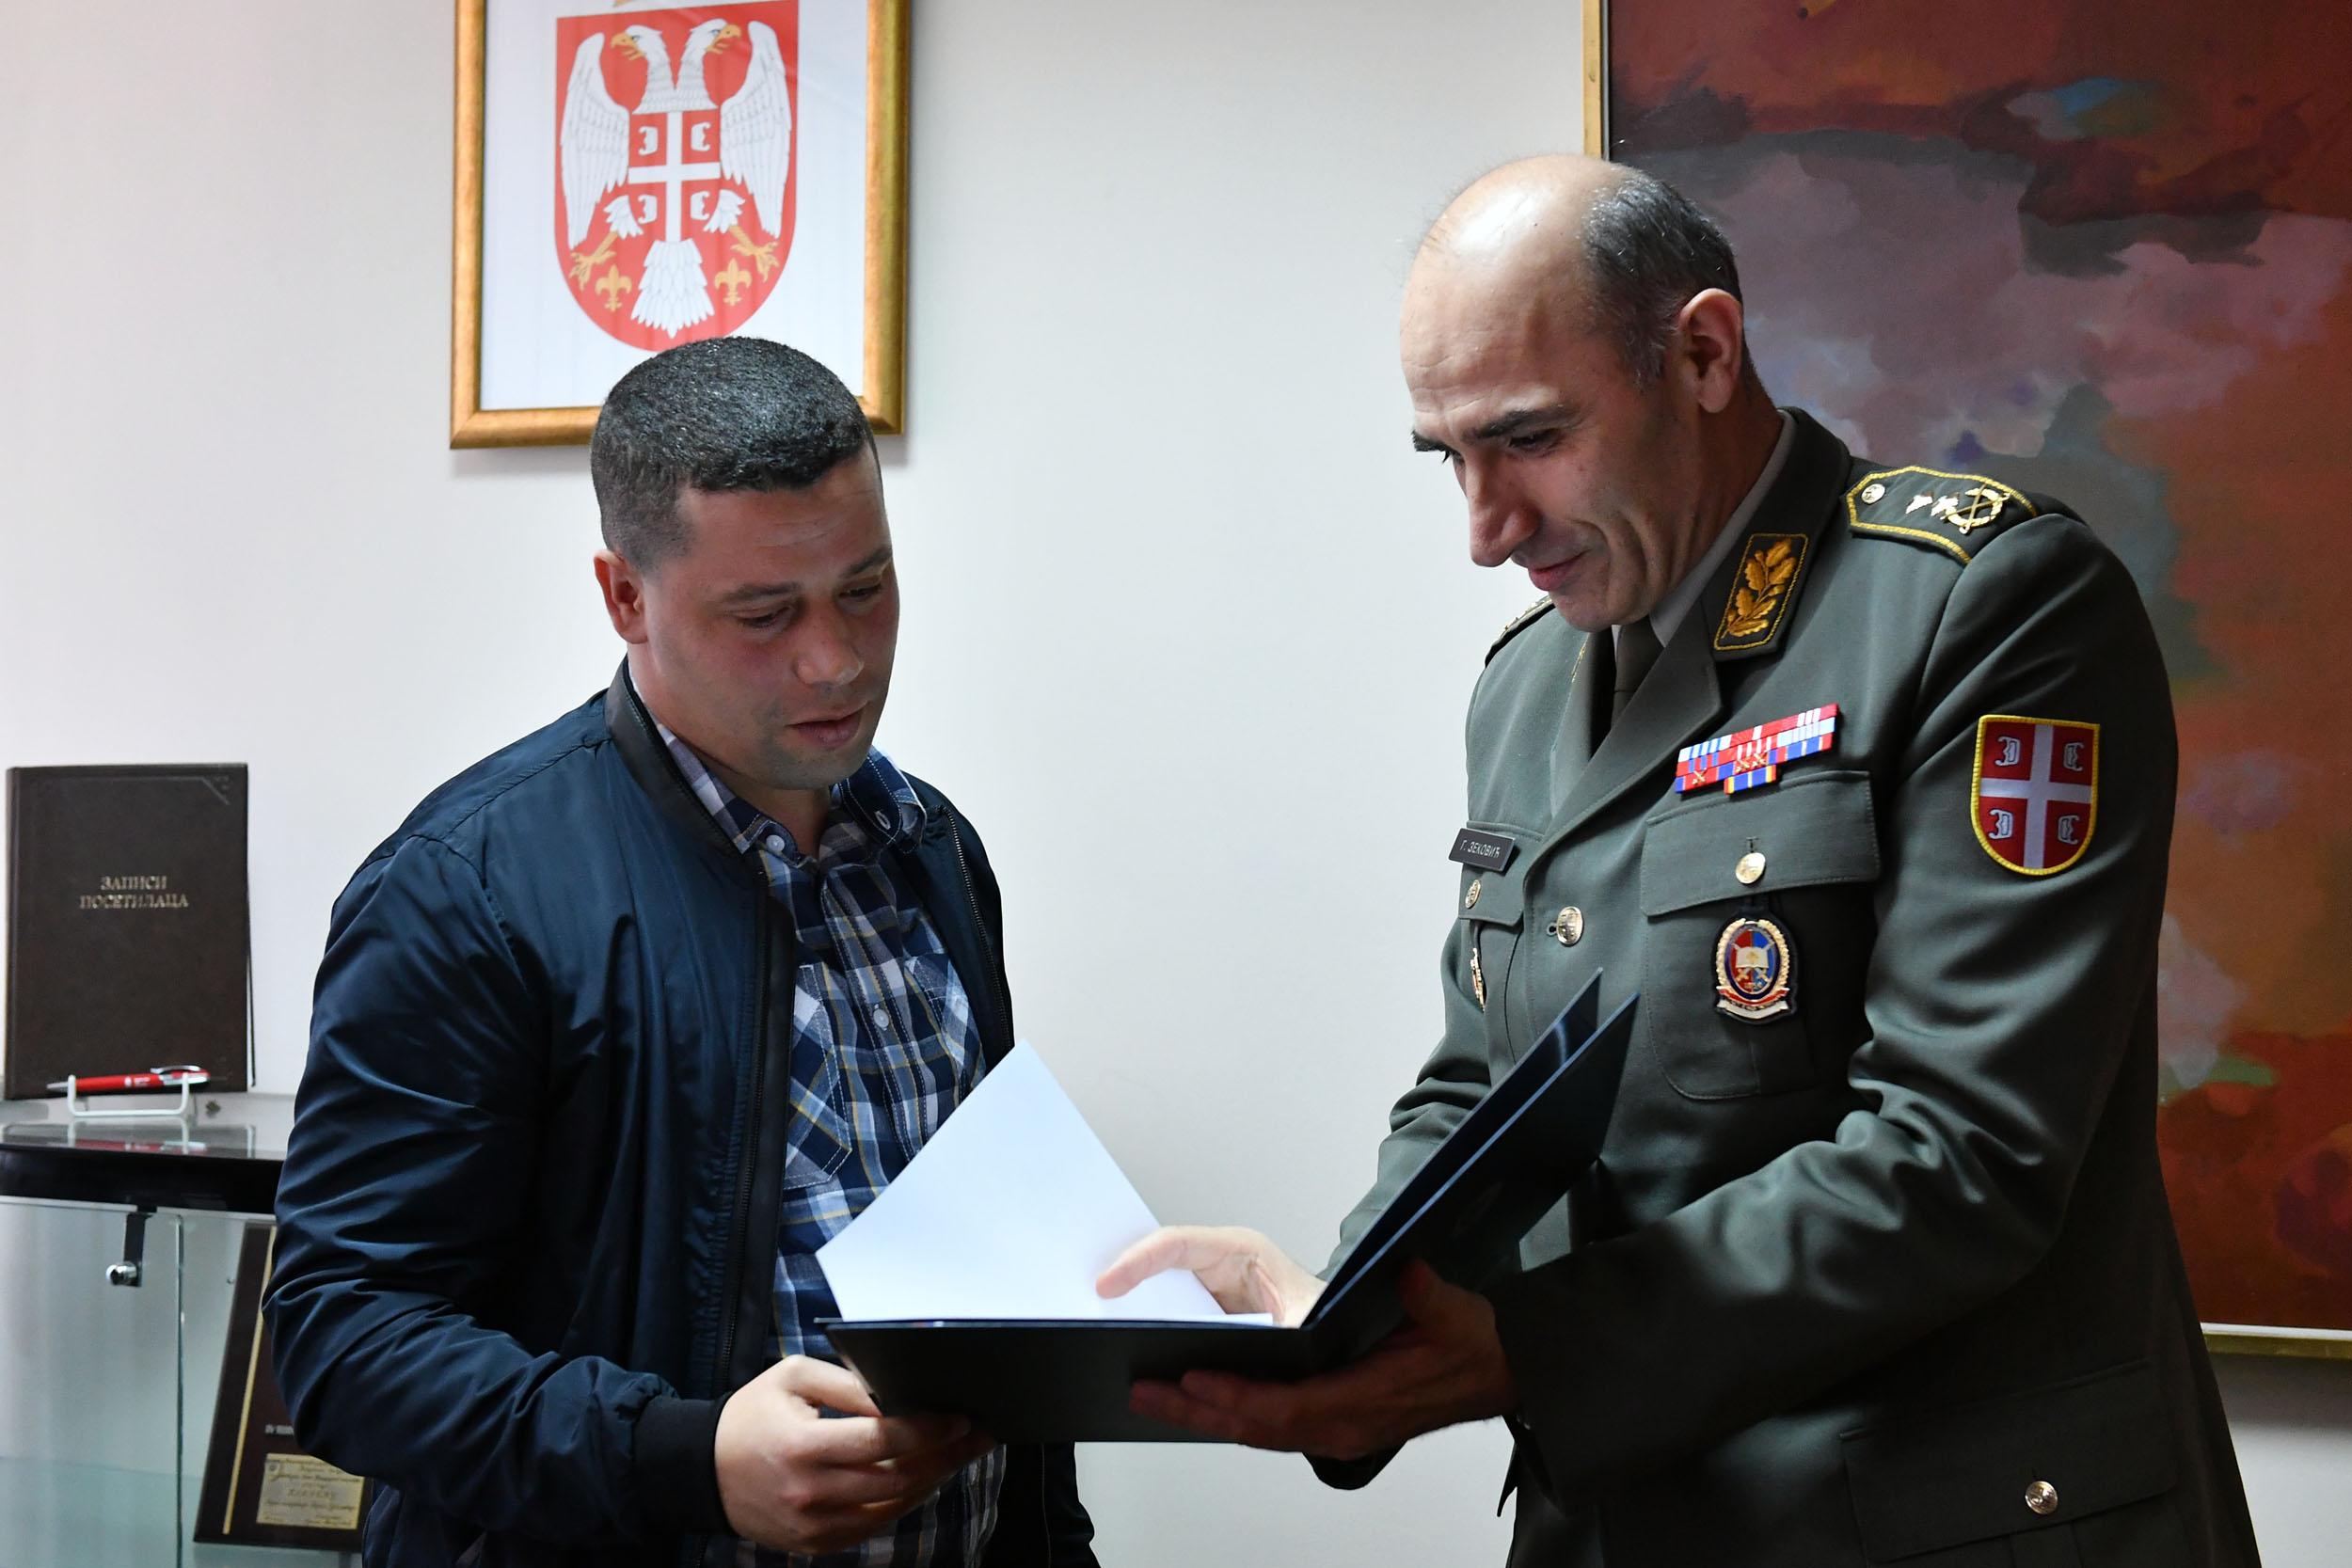 الجزائر : صلاحيات نائب وزير الدفاع الوطني - صفحة 14 Ban_9427_1490965292